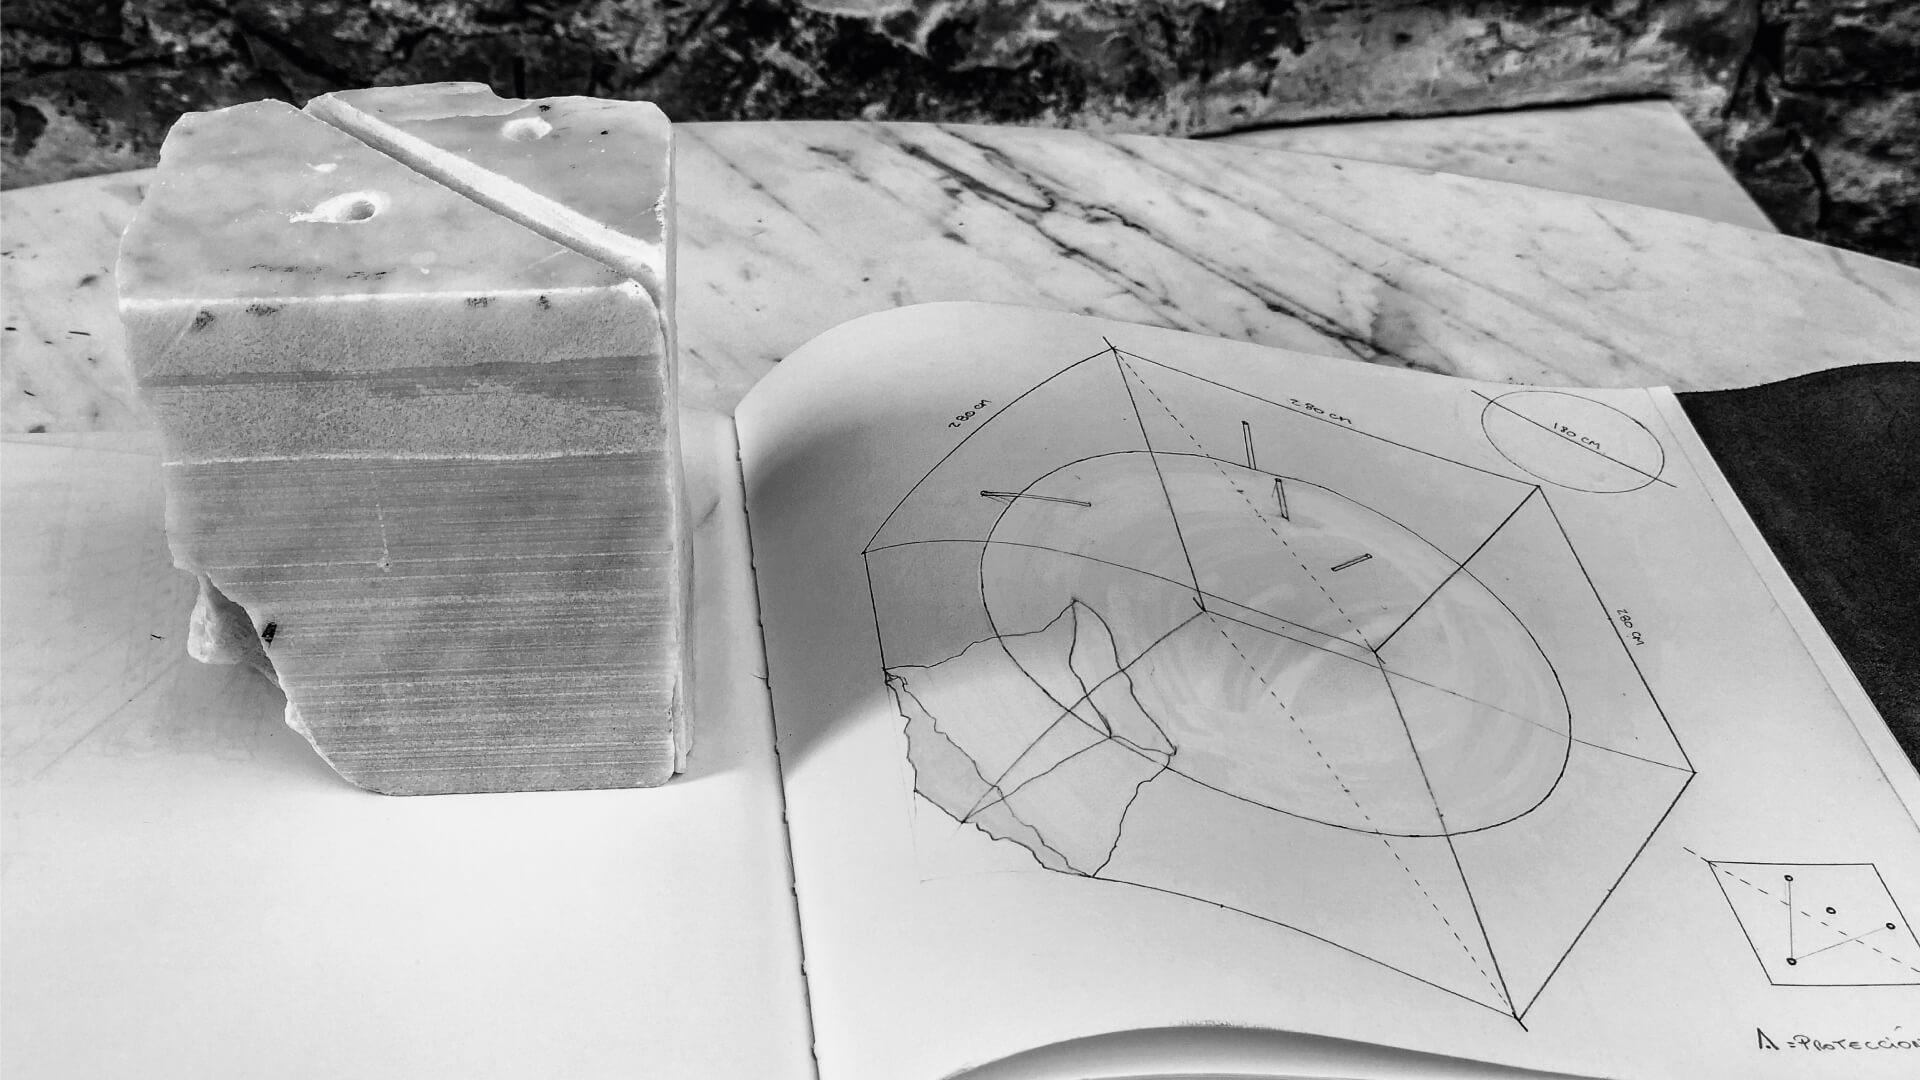 06-ELTIEMPO-AARON-NACHTAILER-ART-ARTIST-MARBLE